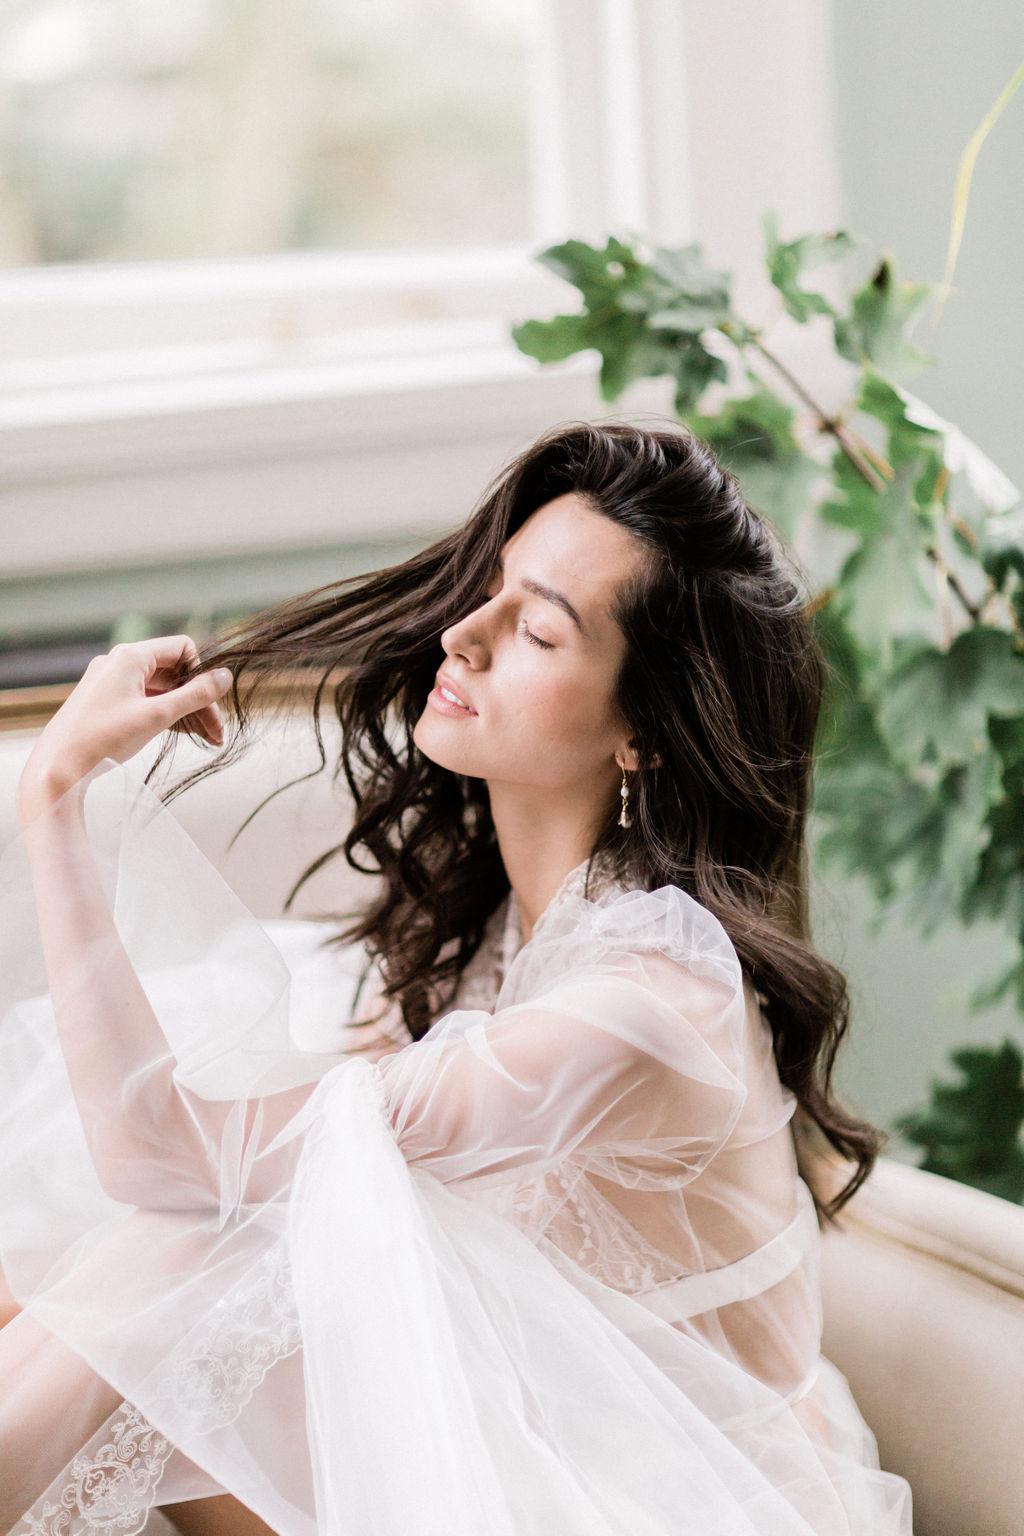 inspirational-bridal-image-long-wavy-hair